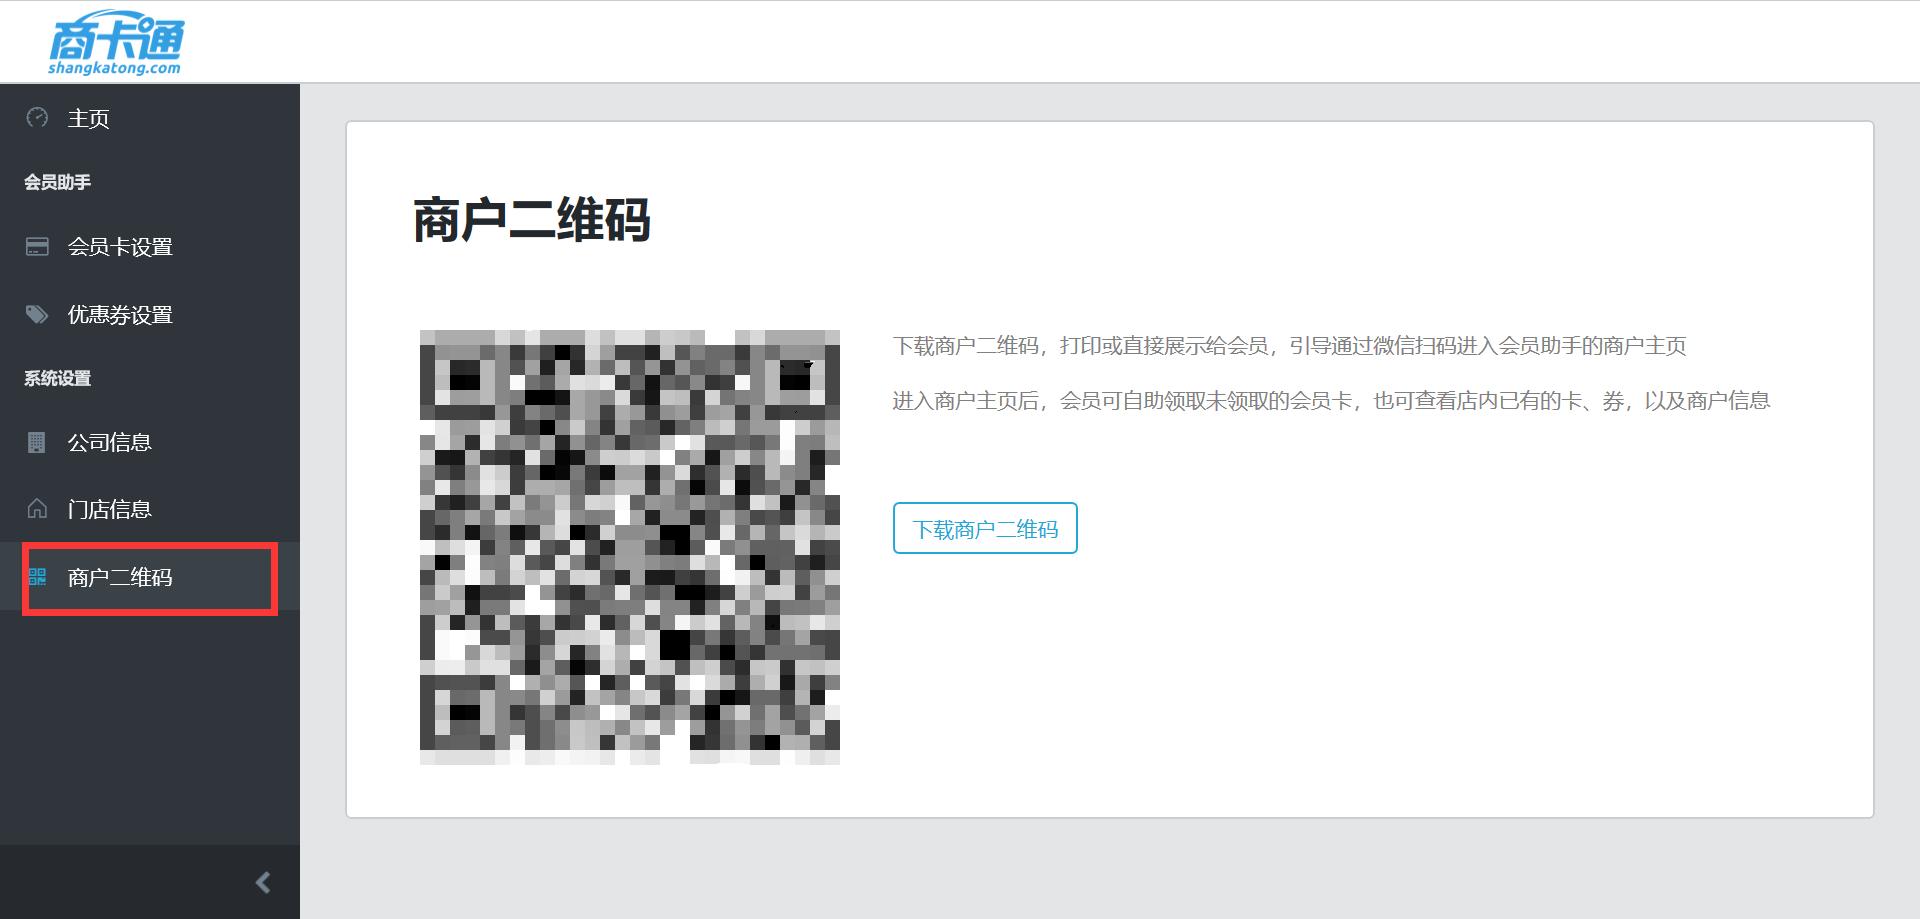 2.8.5.3 版本更新公告